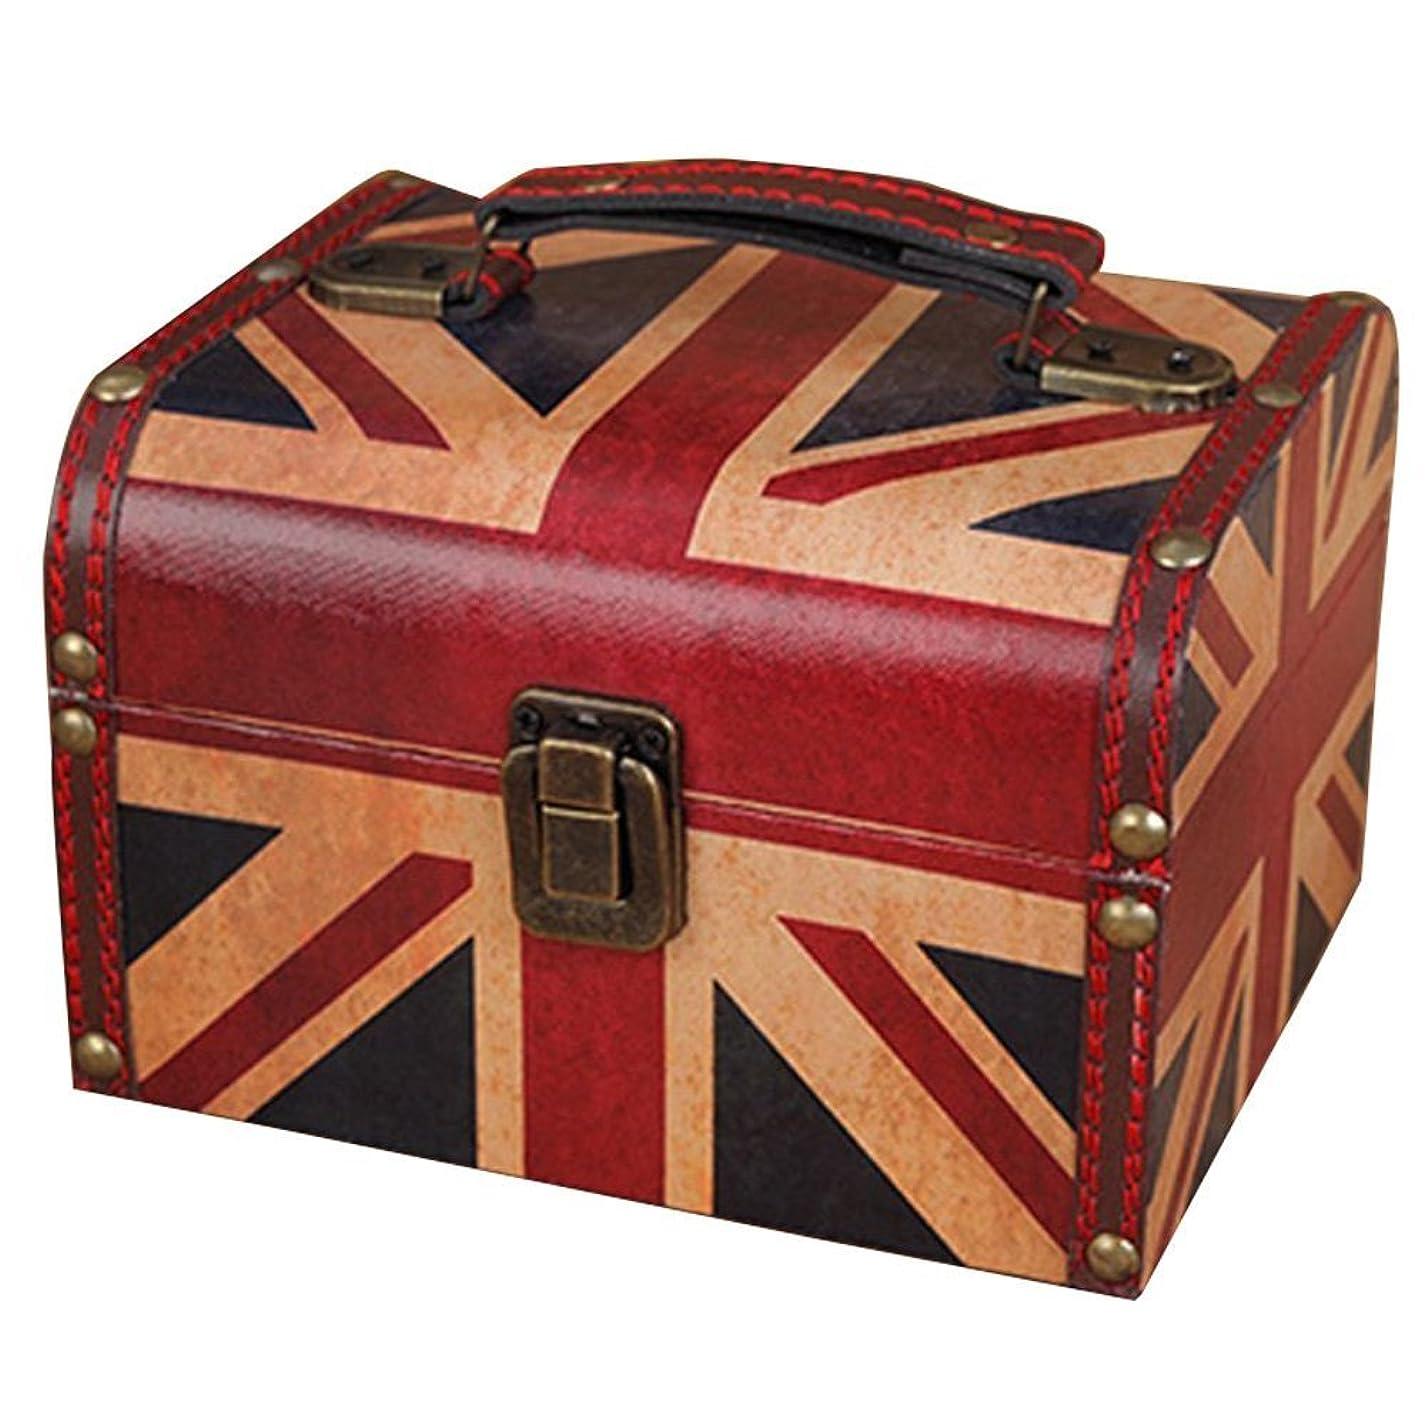 前述の適度に説教するUmora メイクボックス 収納 アンチーク コスメボックス 化粧品 小物 おもちゃ 雑貨 (ユニオンジャック)